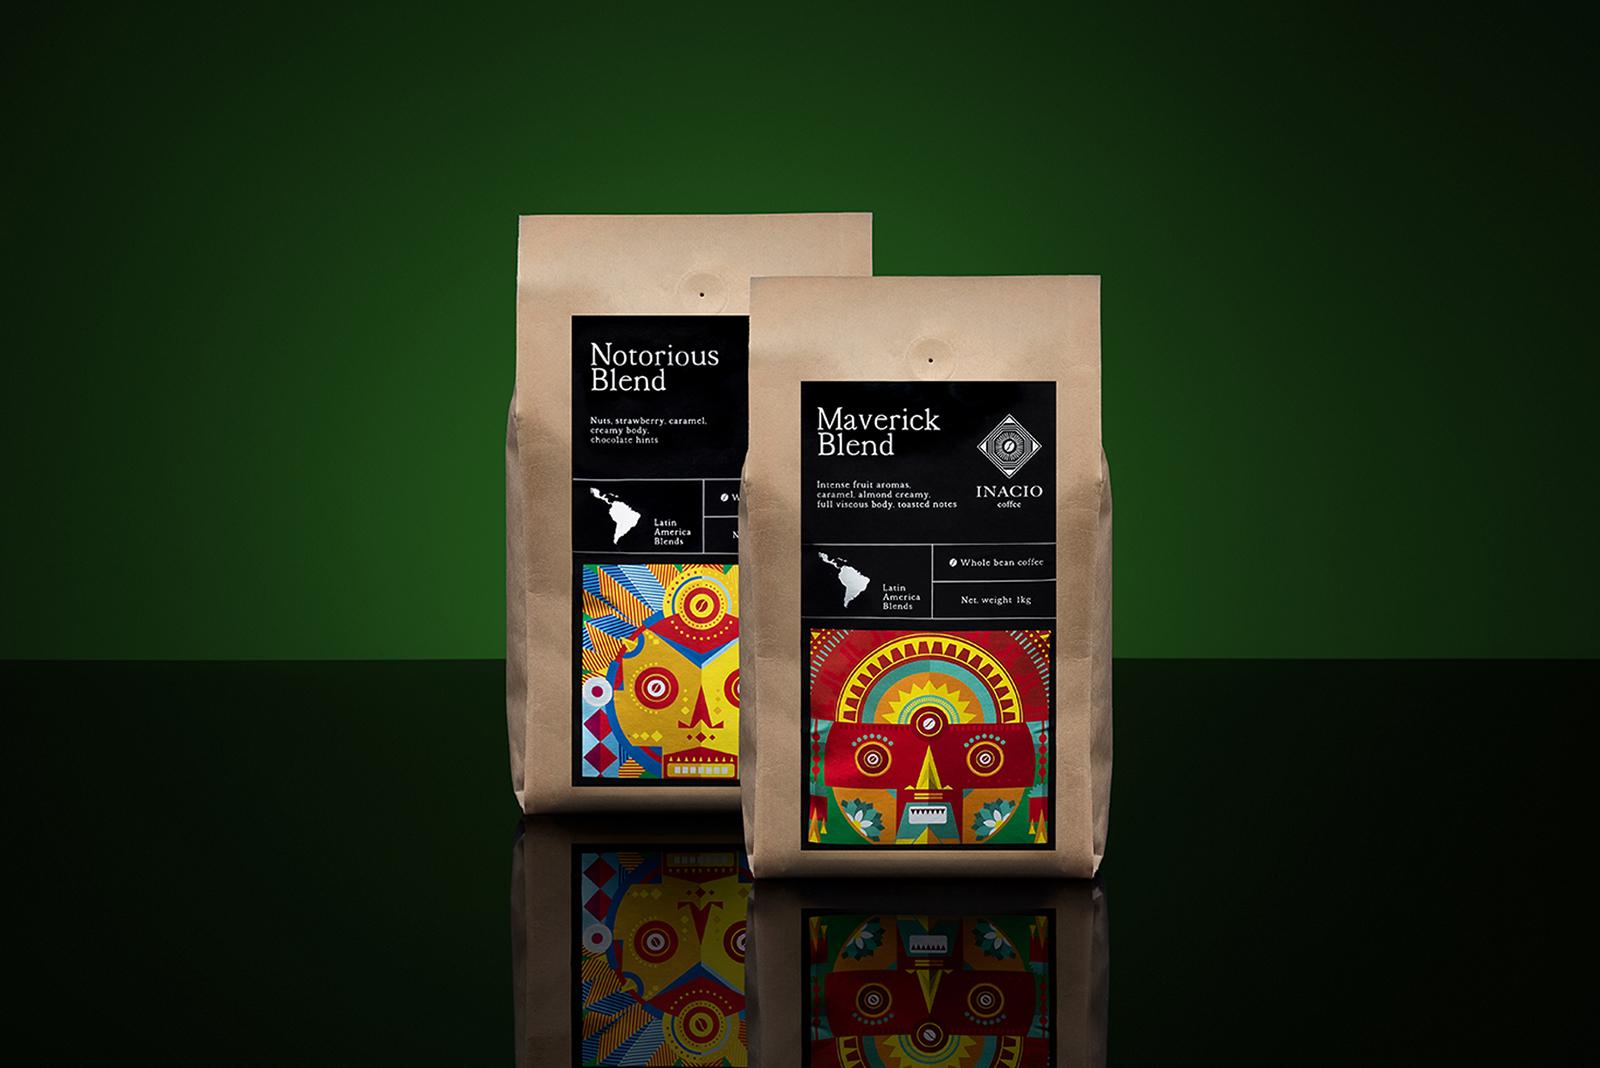 yiaki design - Inacio Coffee3.jpg